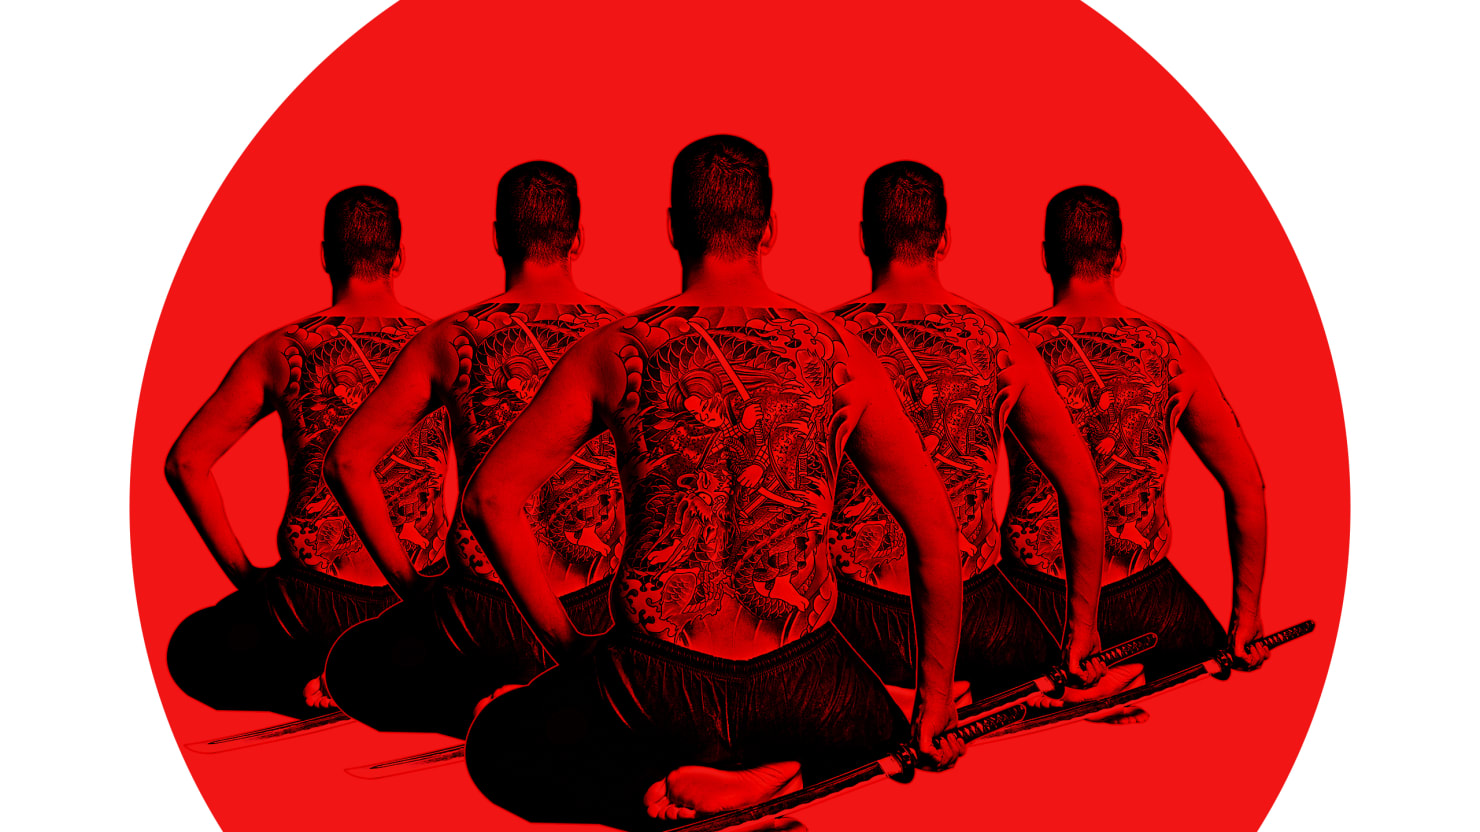 Yakuza vs. Yakuza in a 'Sea of Blood'